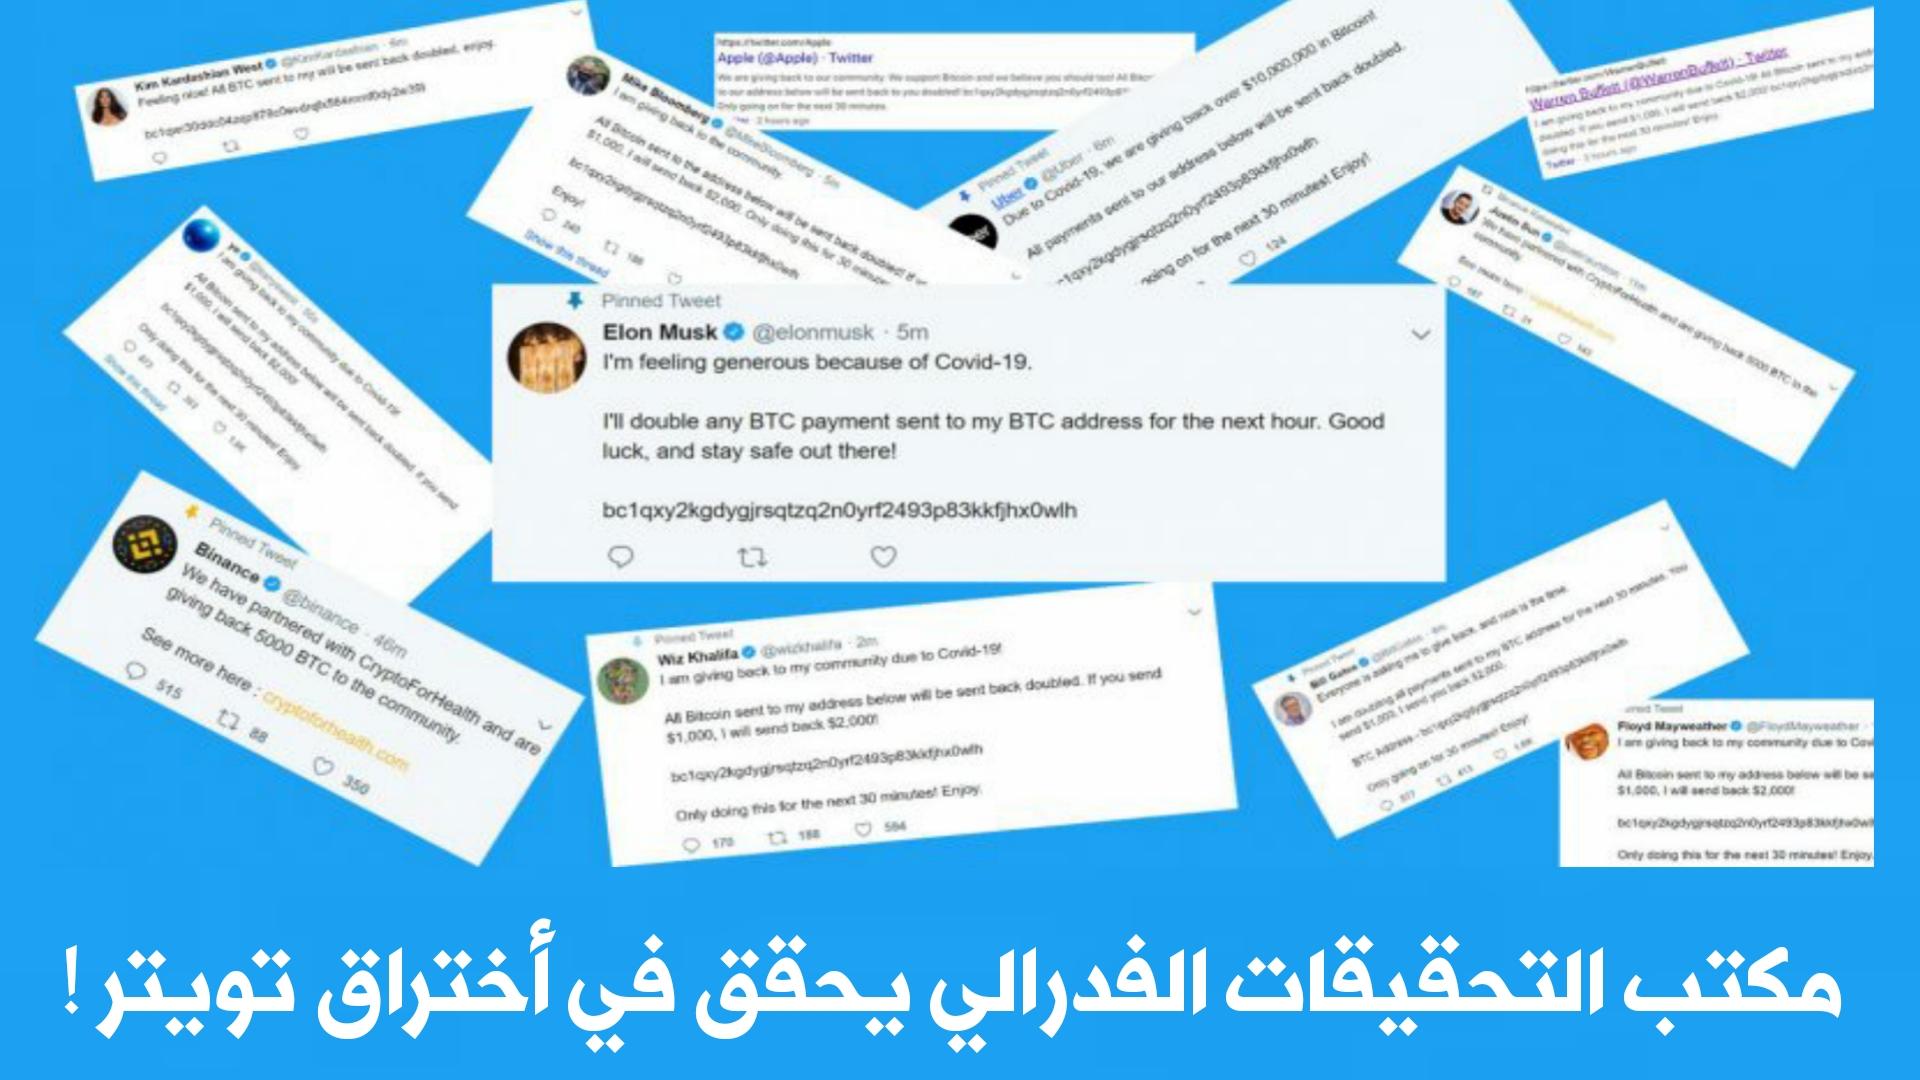 مكتب التحقيقات الفيدرالي يحقق في أختراق تويتر ! ويقول يمكن تتبع عملة البيتكوين